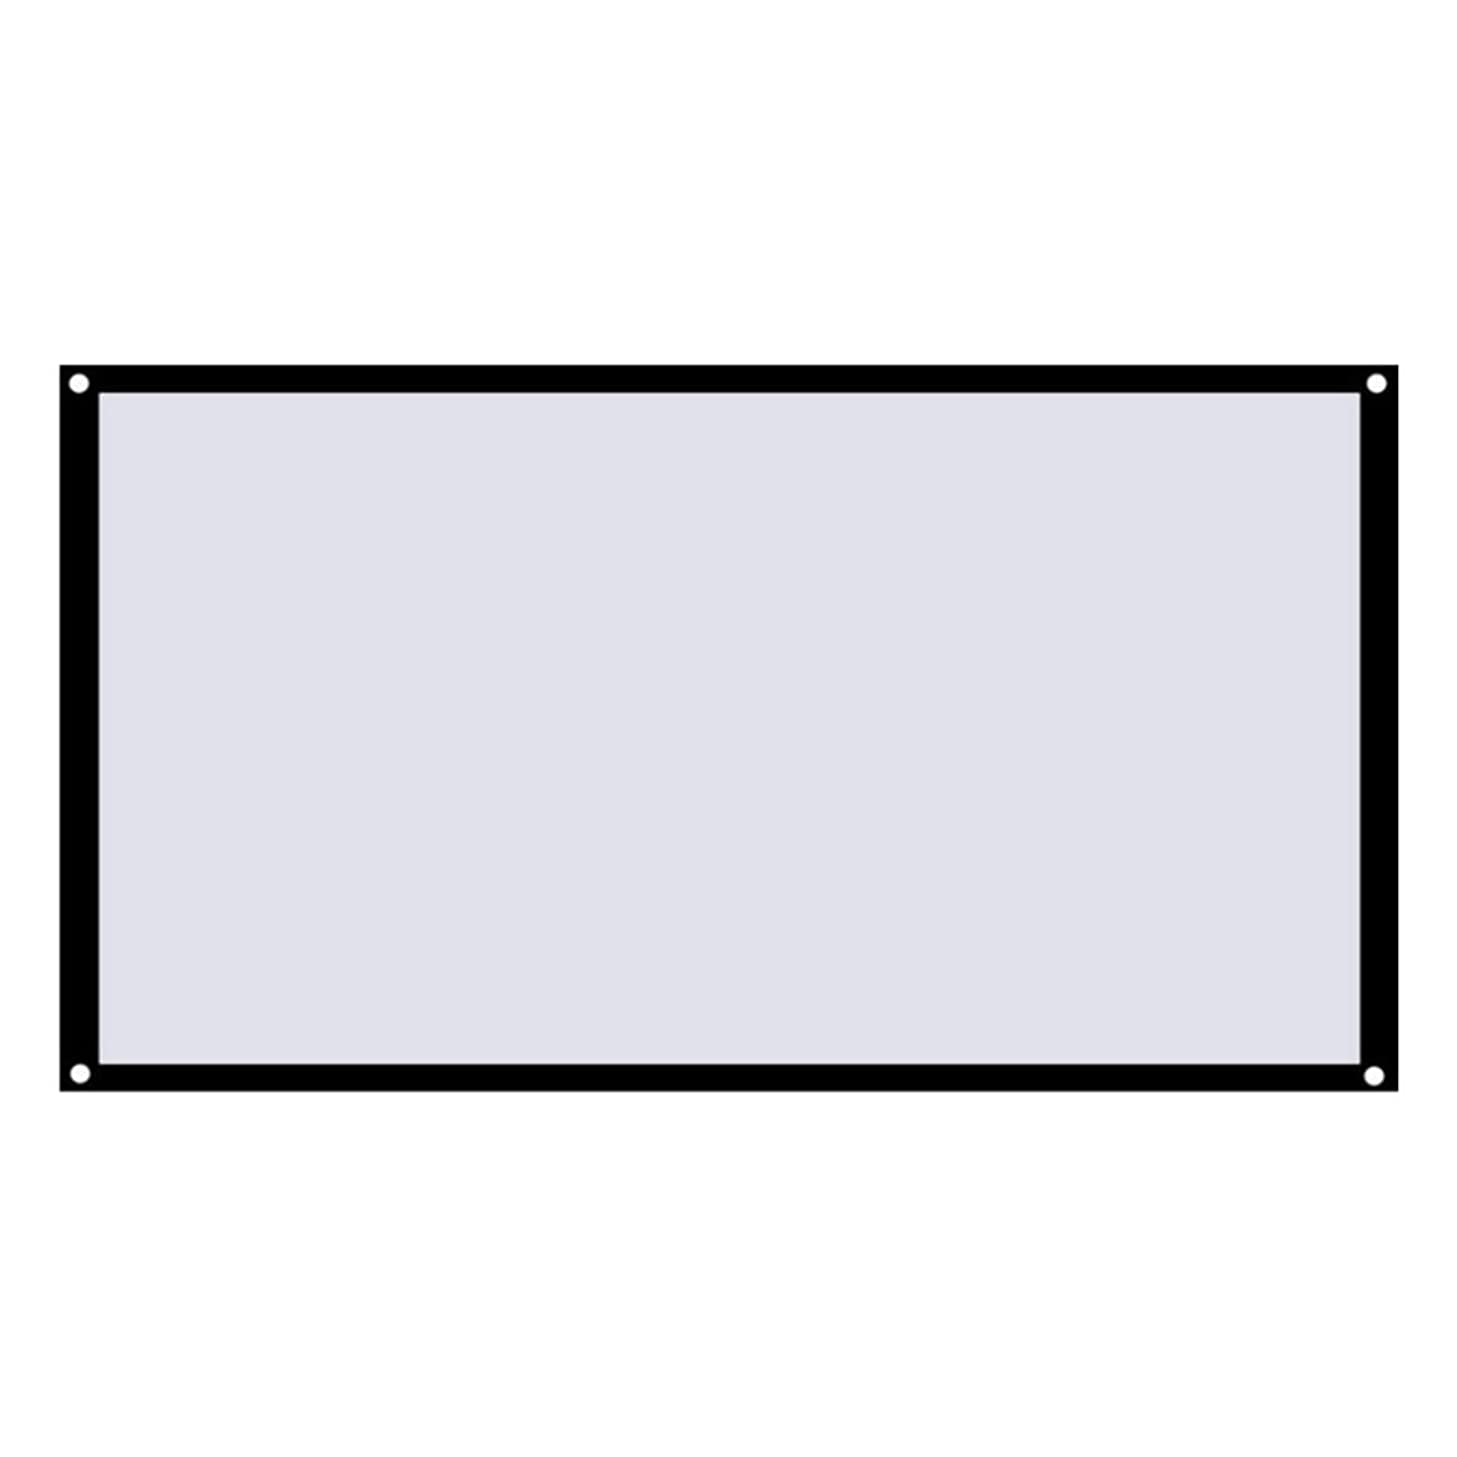 引退する聞くフットボールMolySun 大型16:9折りたたみ式デザインホームプロジェクションスクリーンソフトポリエステルフィルムシアター屋外映画ビデオスクリーンプロジェクター